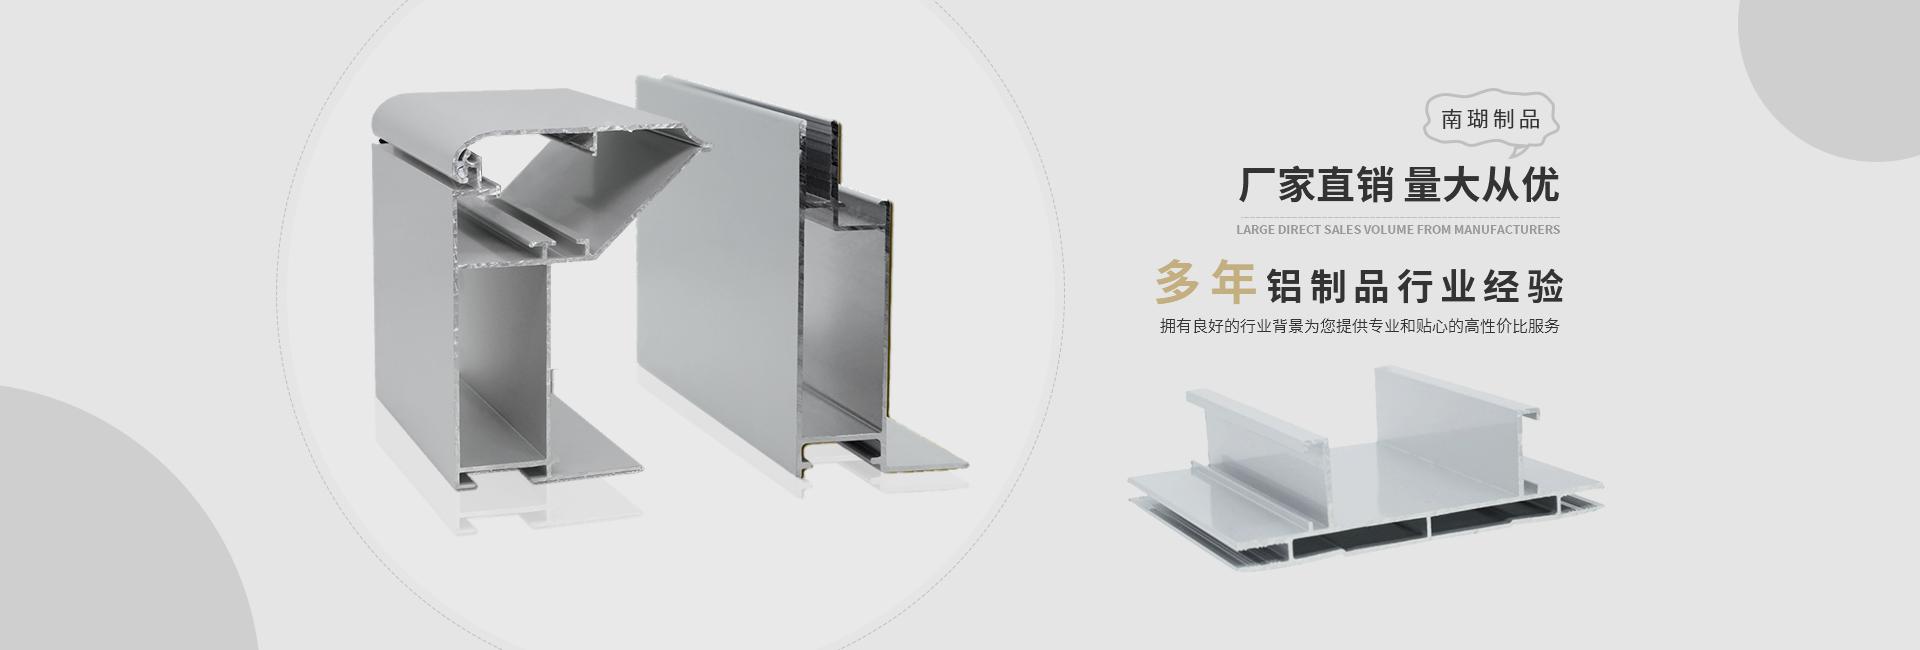 广告铝型材厂家